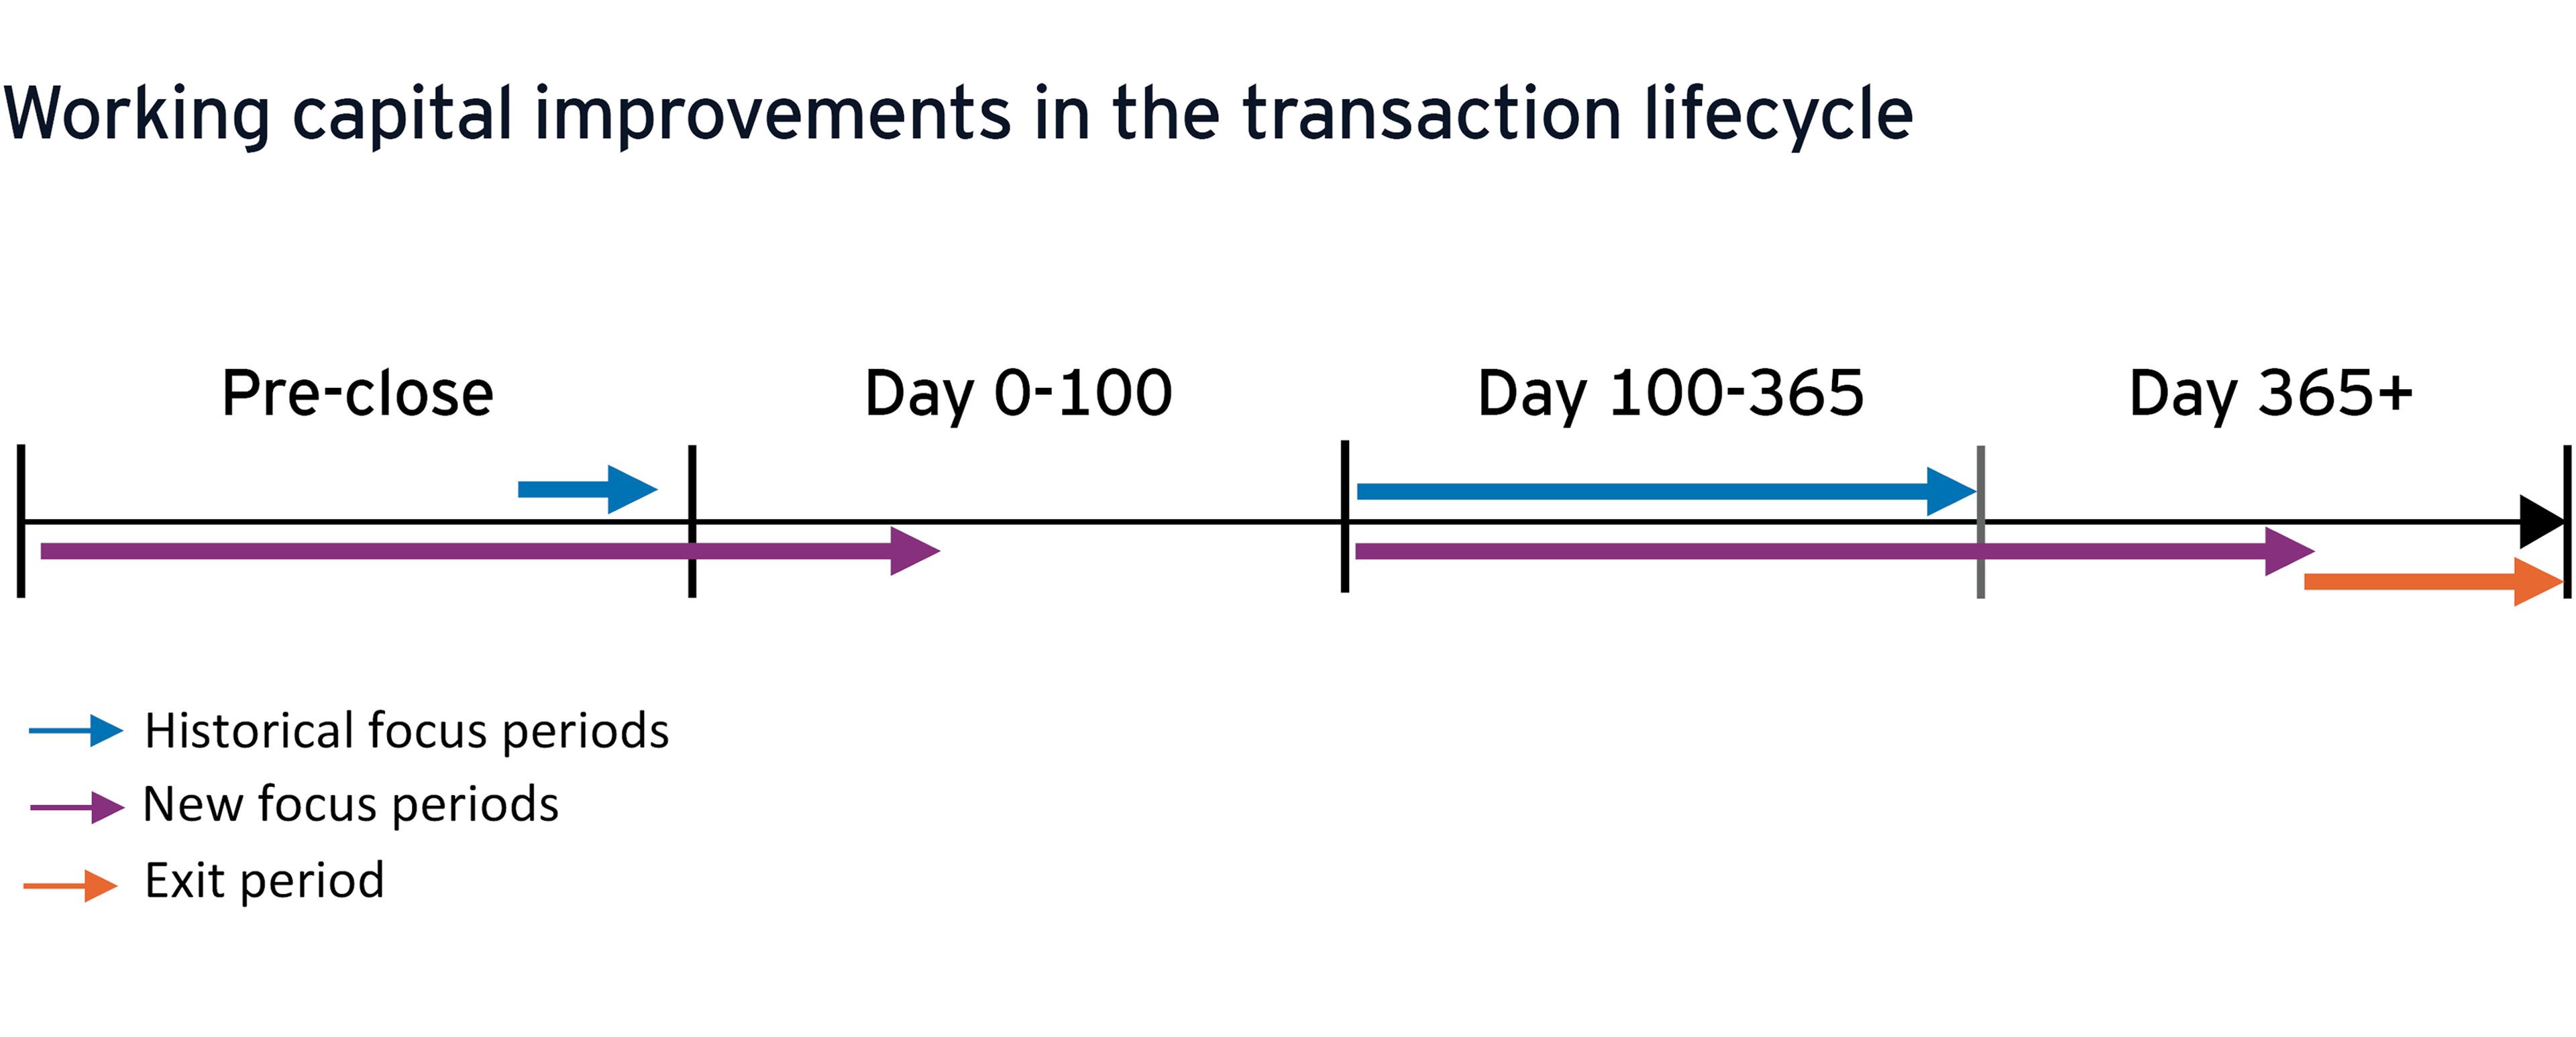 Miglioramenti del capitale circolante nel ciclo di vita delle transazioni